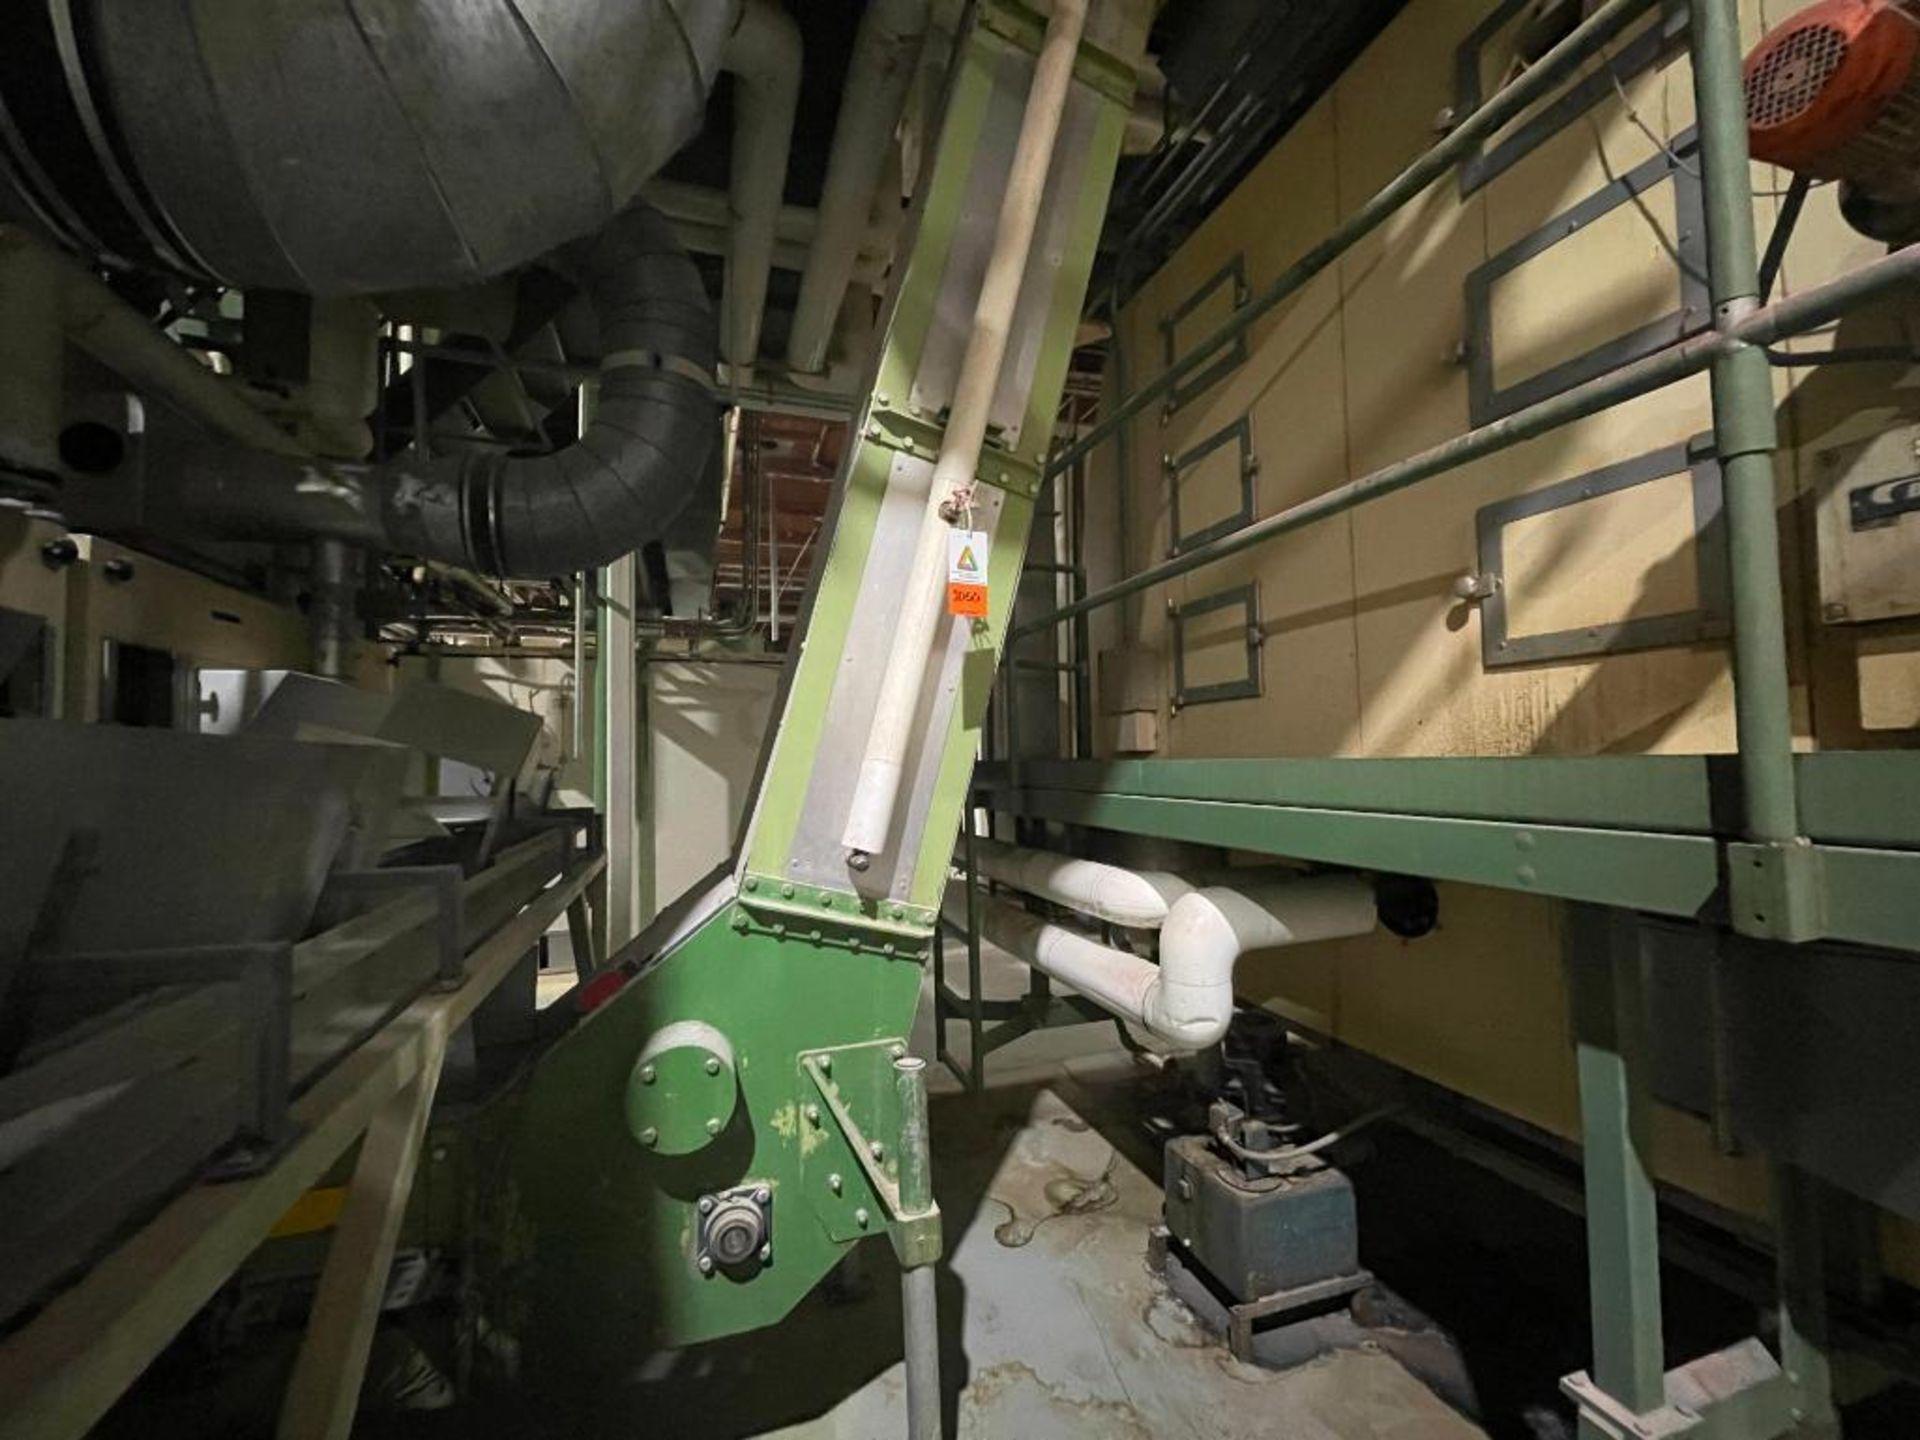 mild steel incline overlapping bucket conveyor